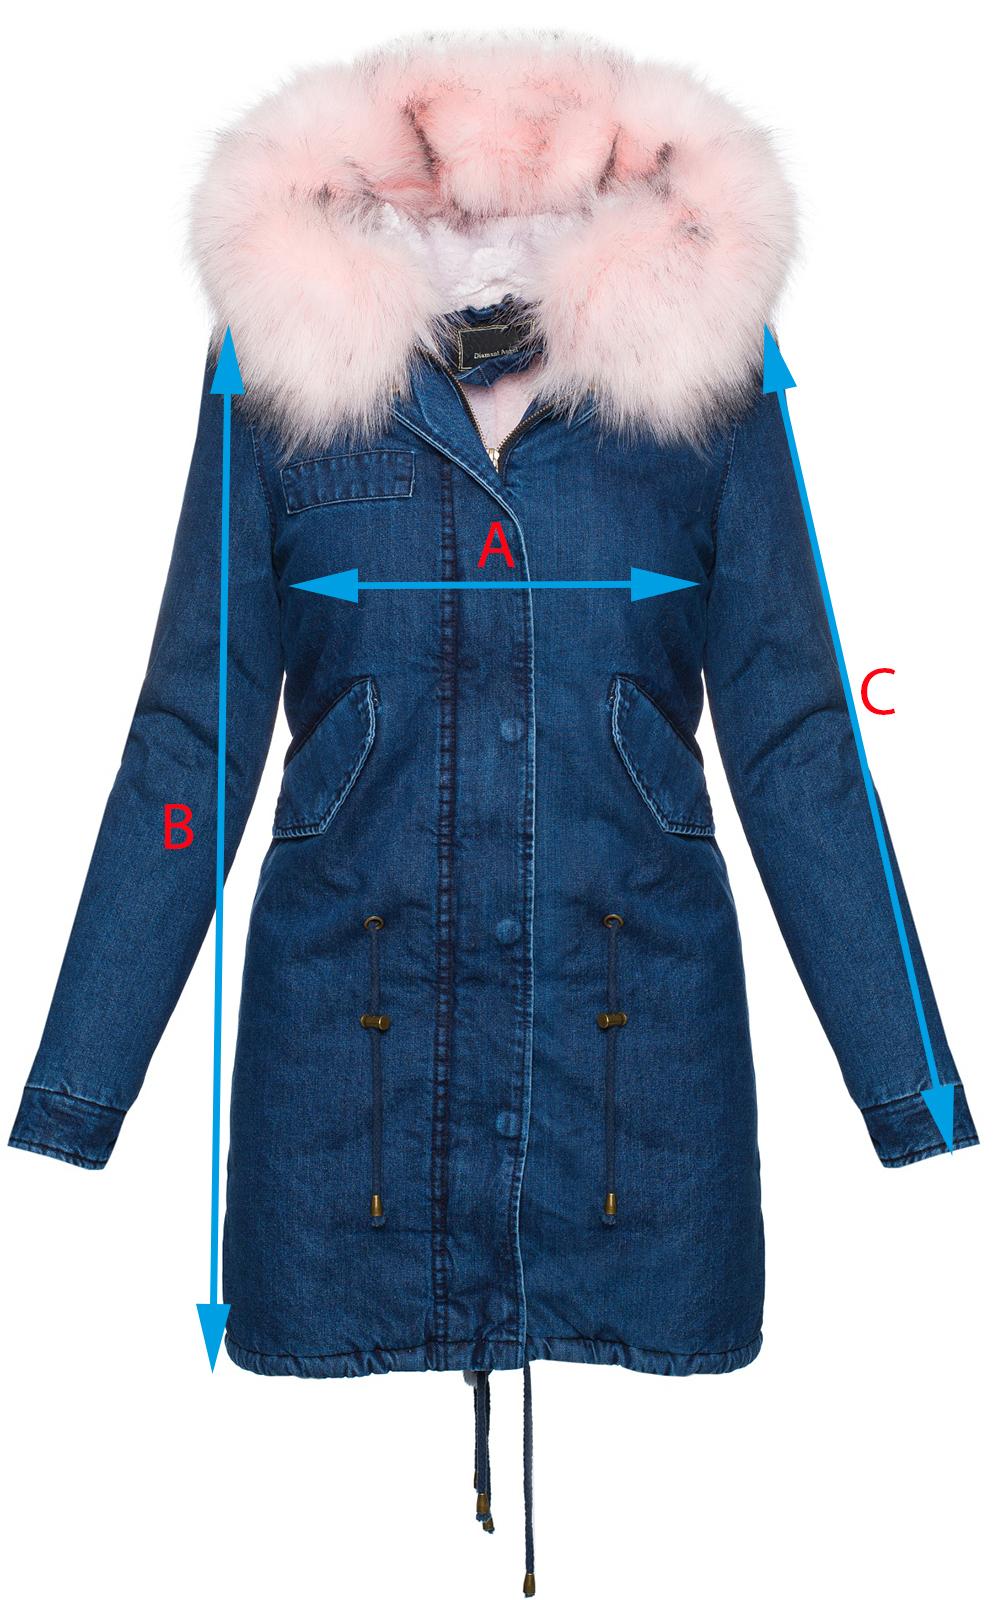 Damen winter jacke jeansjacke damen mantel xxl-fell kapuze ... 63ea3e4d6d